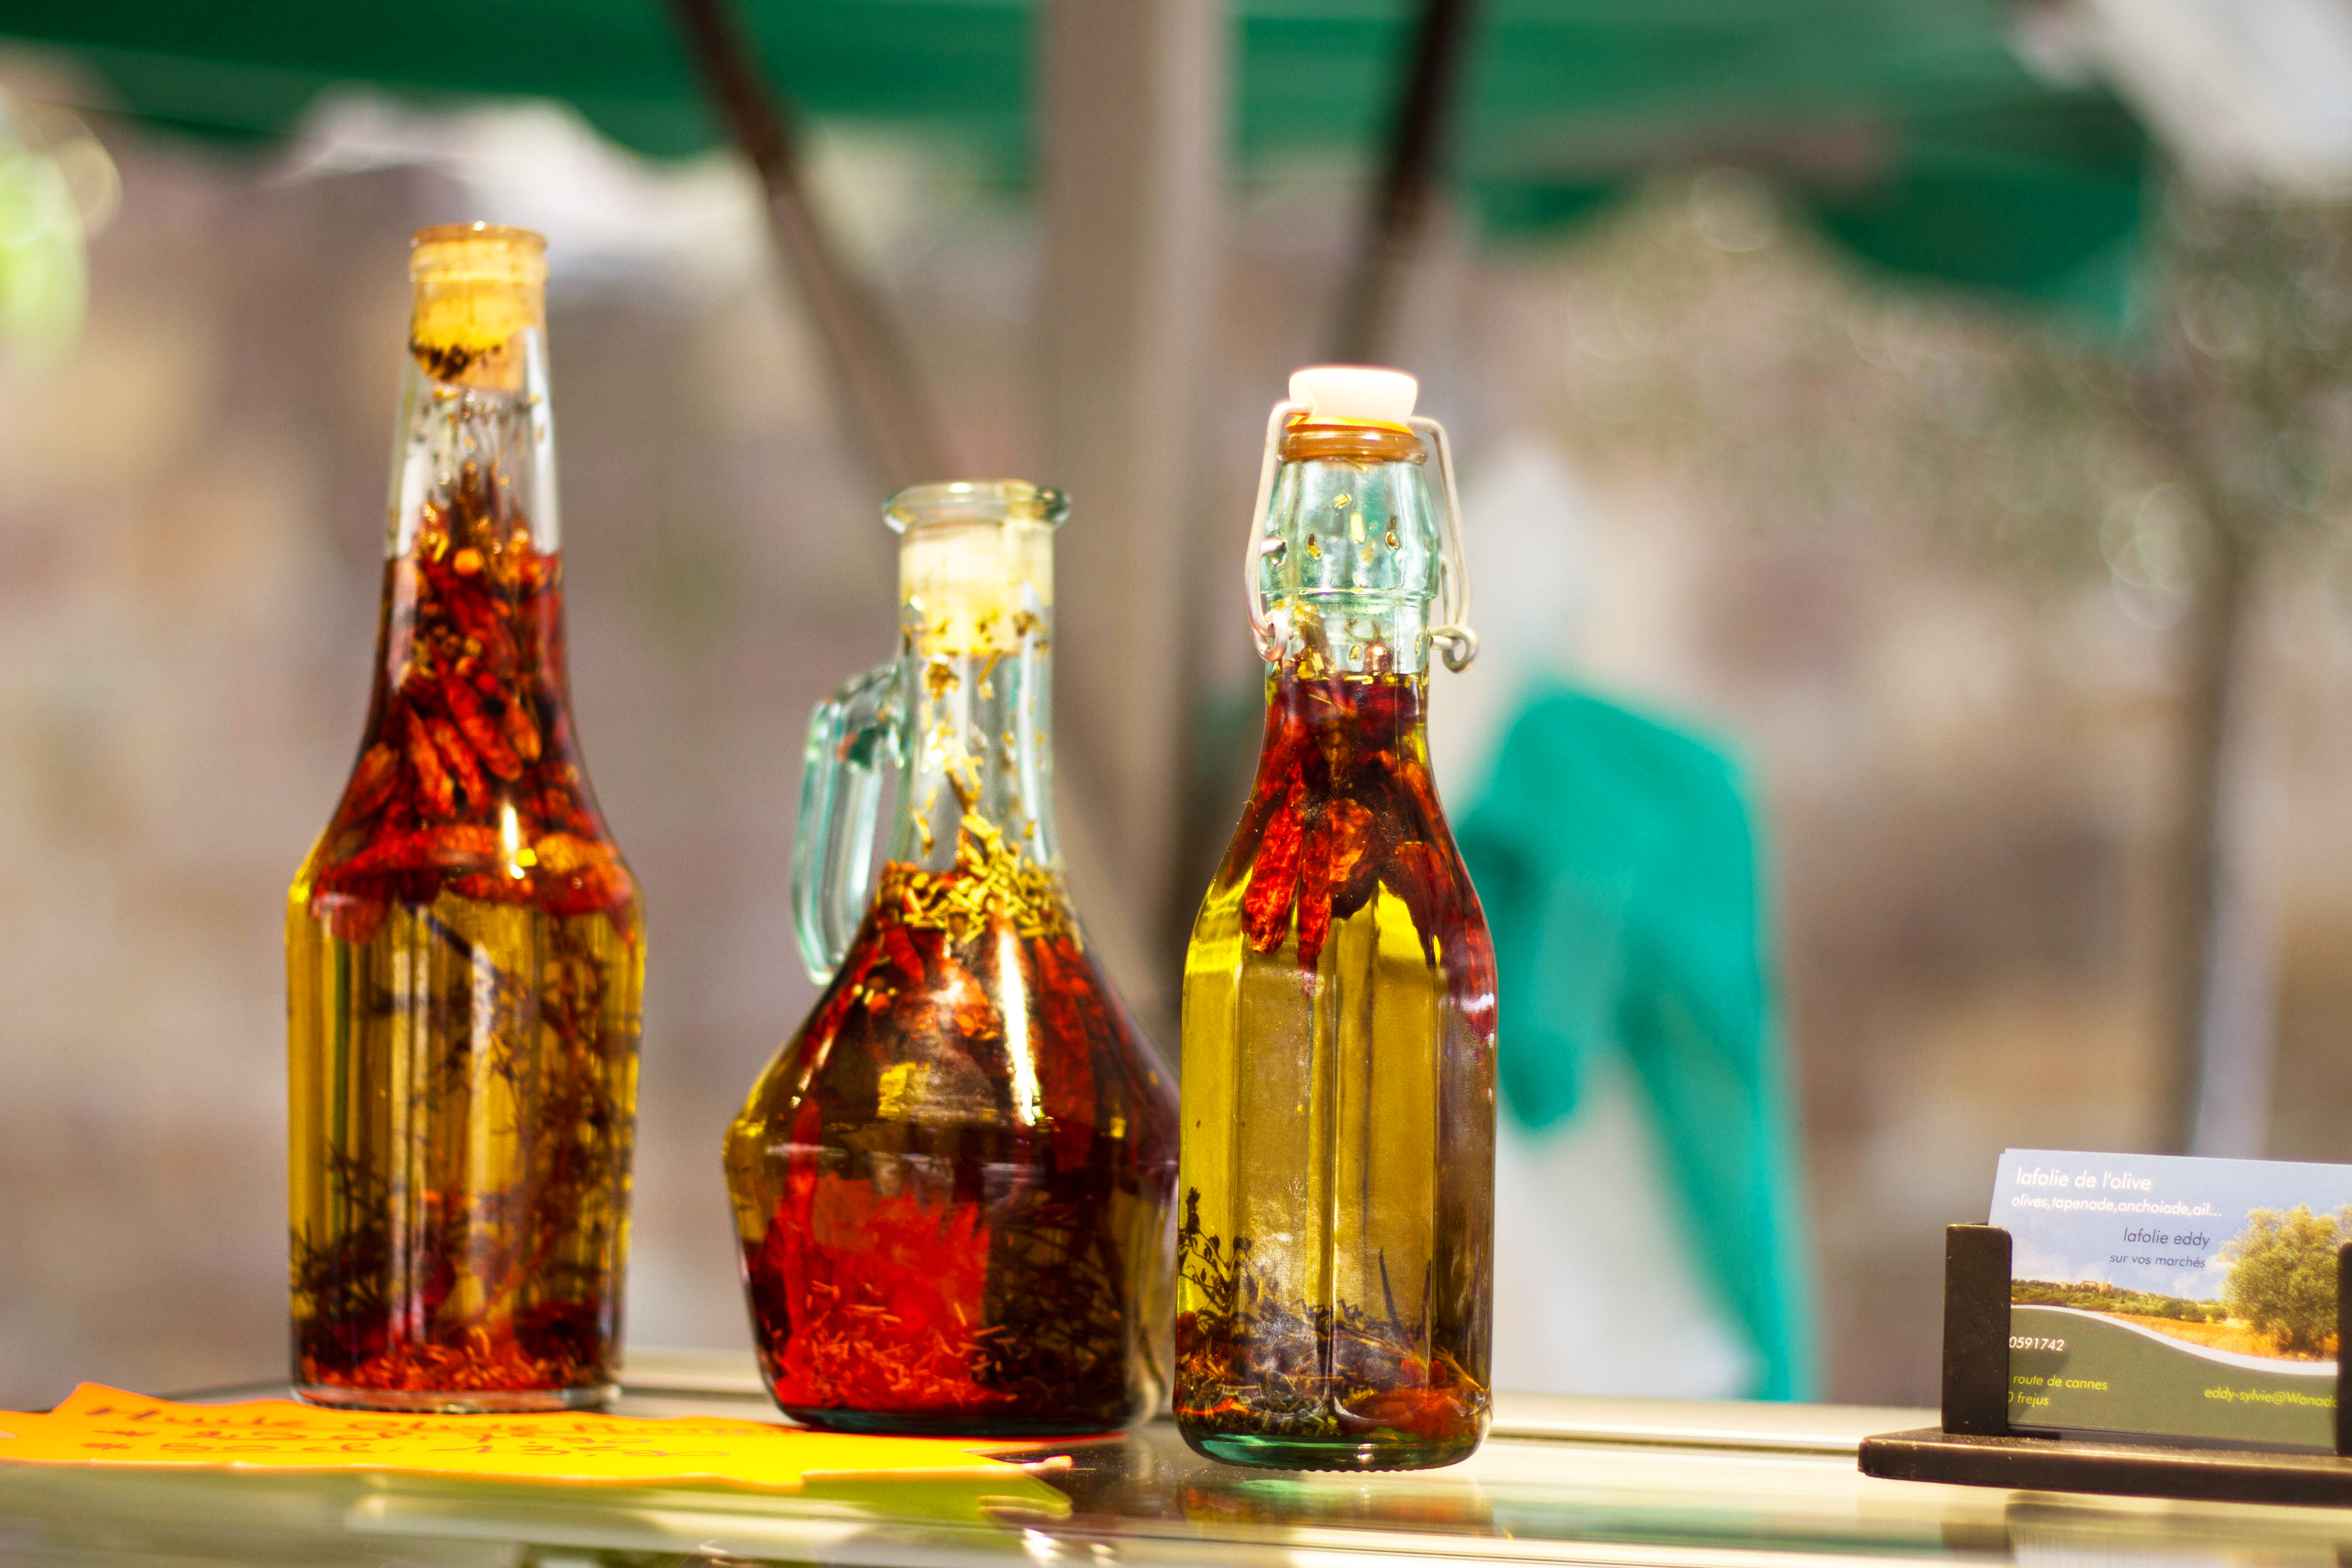 Marchés provençaux Fréjus huile d'olives